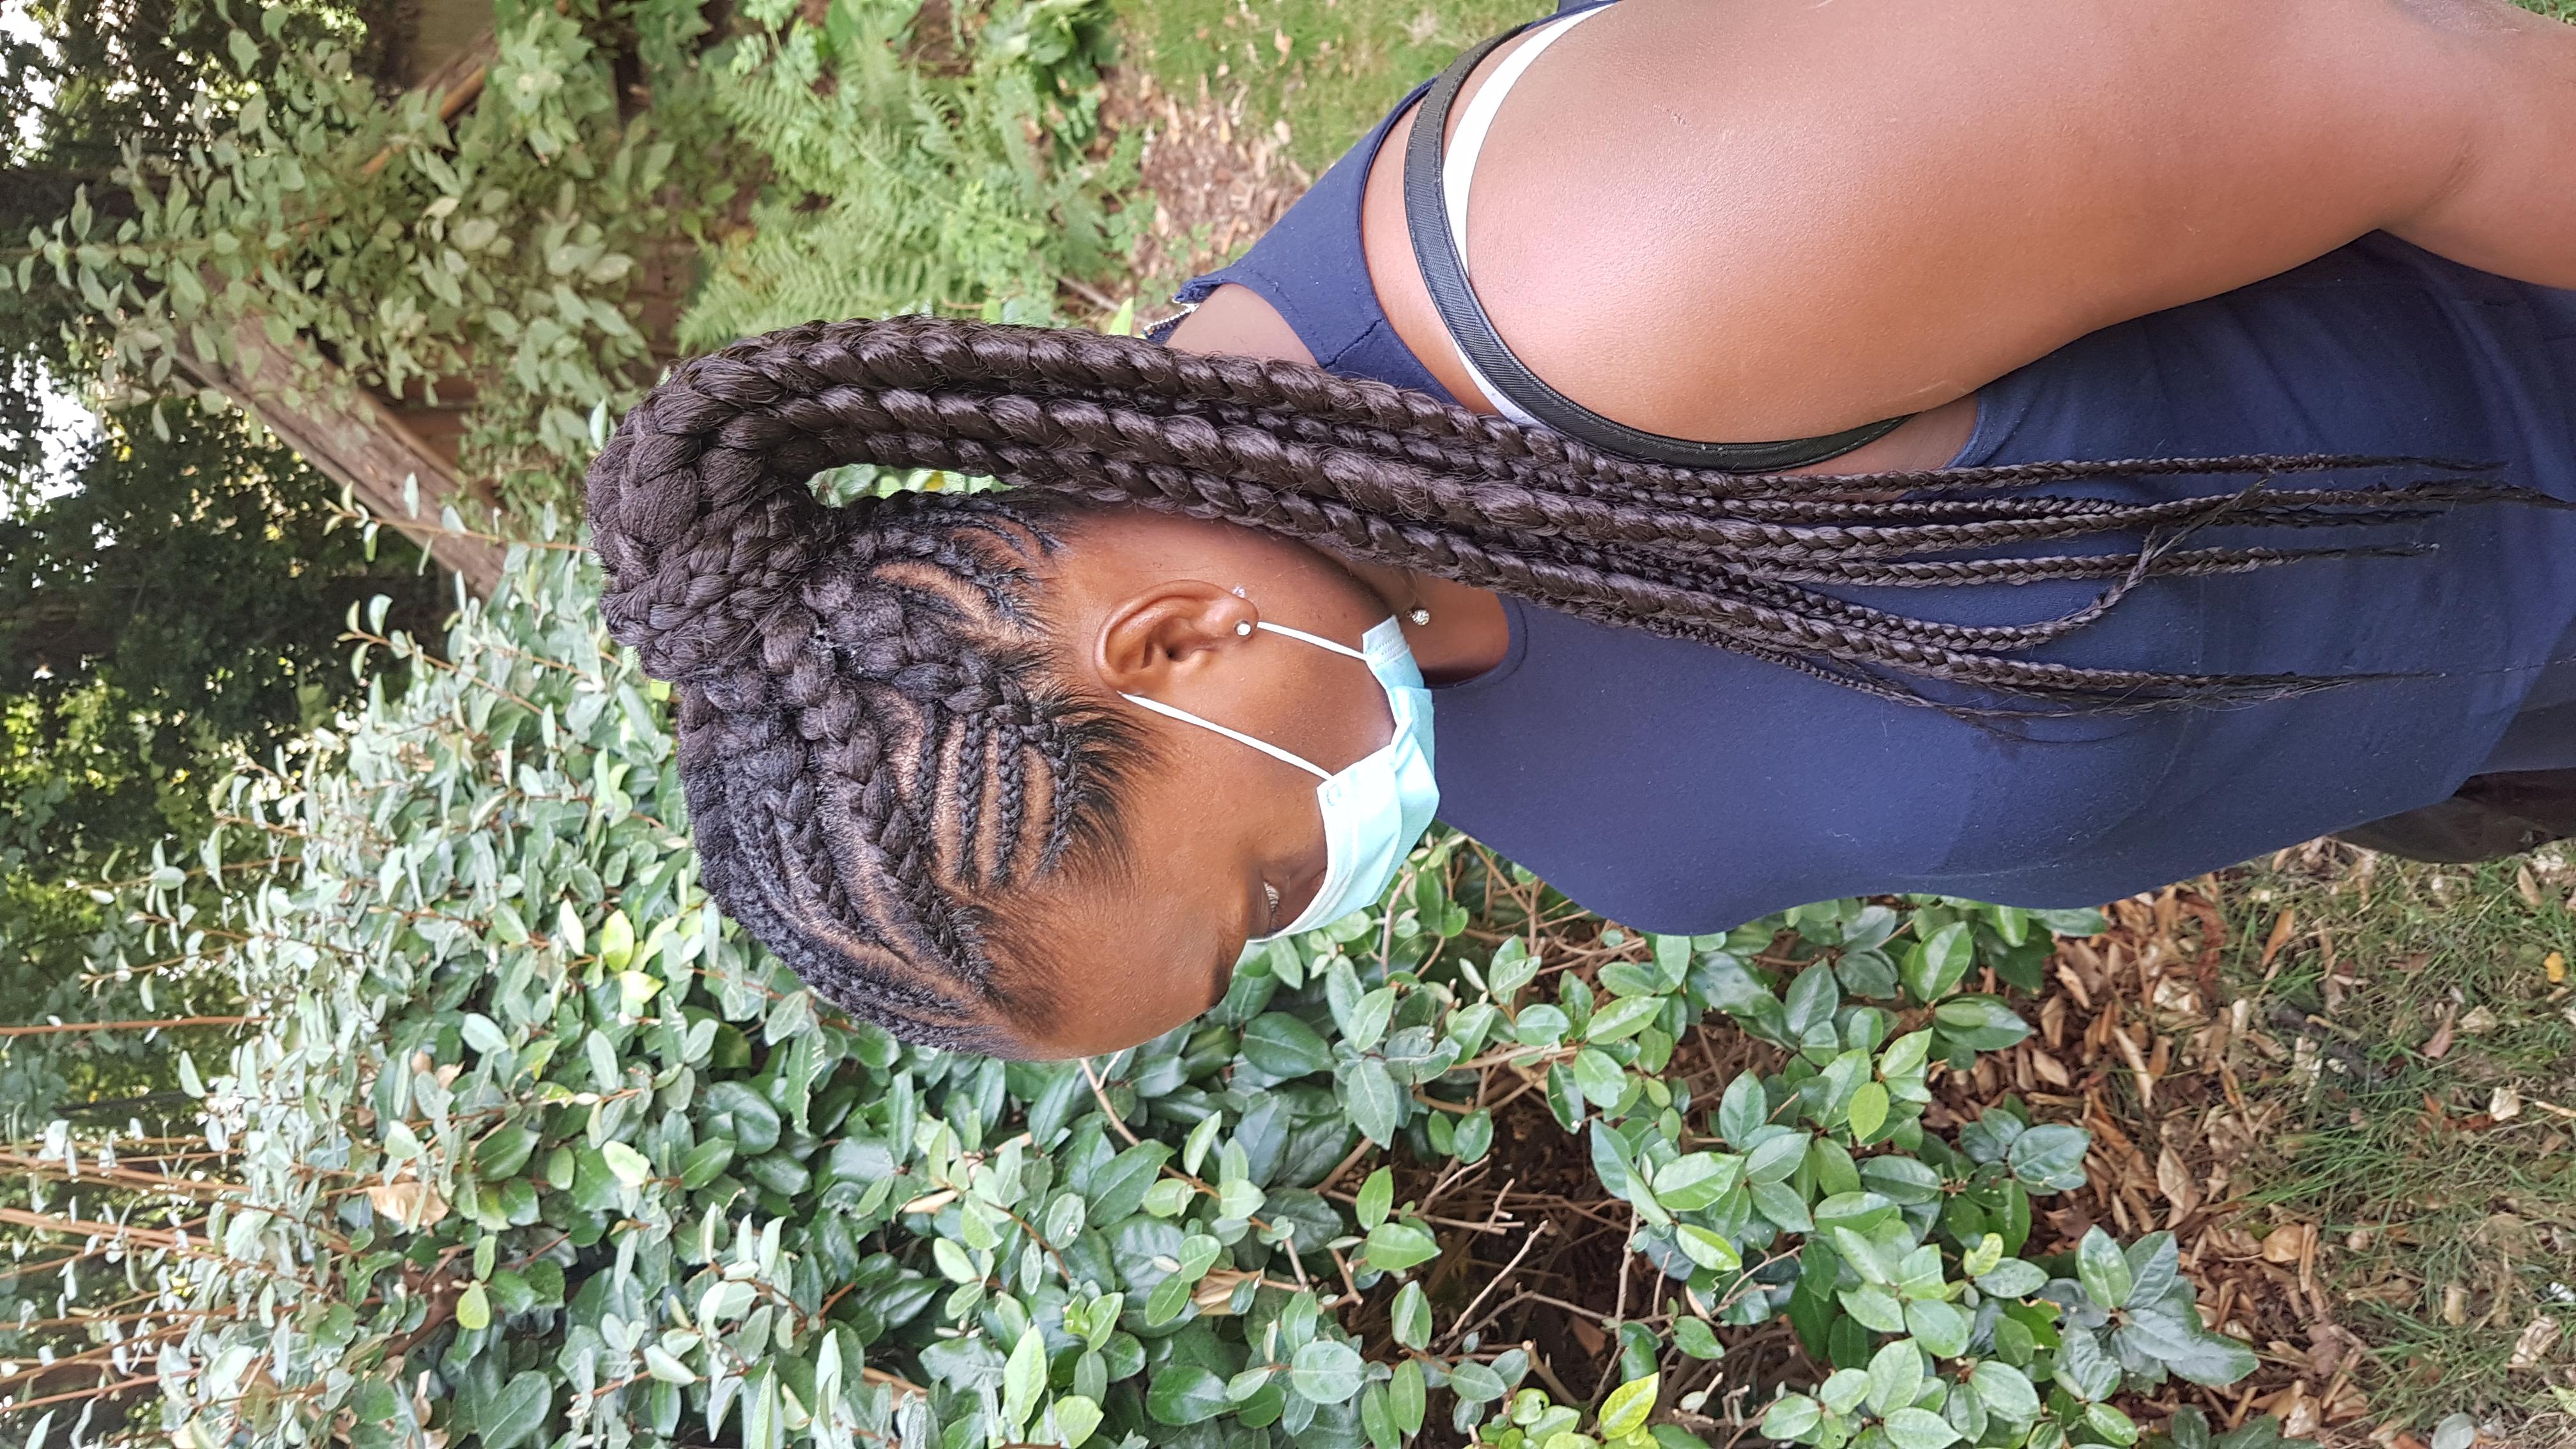 salon de coiffure afro tresse tresses box braids crochet braids vanilles tissages paris 75 77 78 91 92 93 94 95 WDLLYVJN